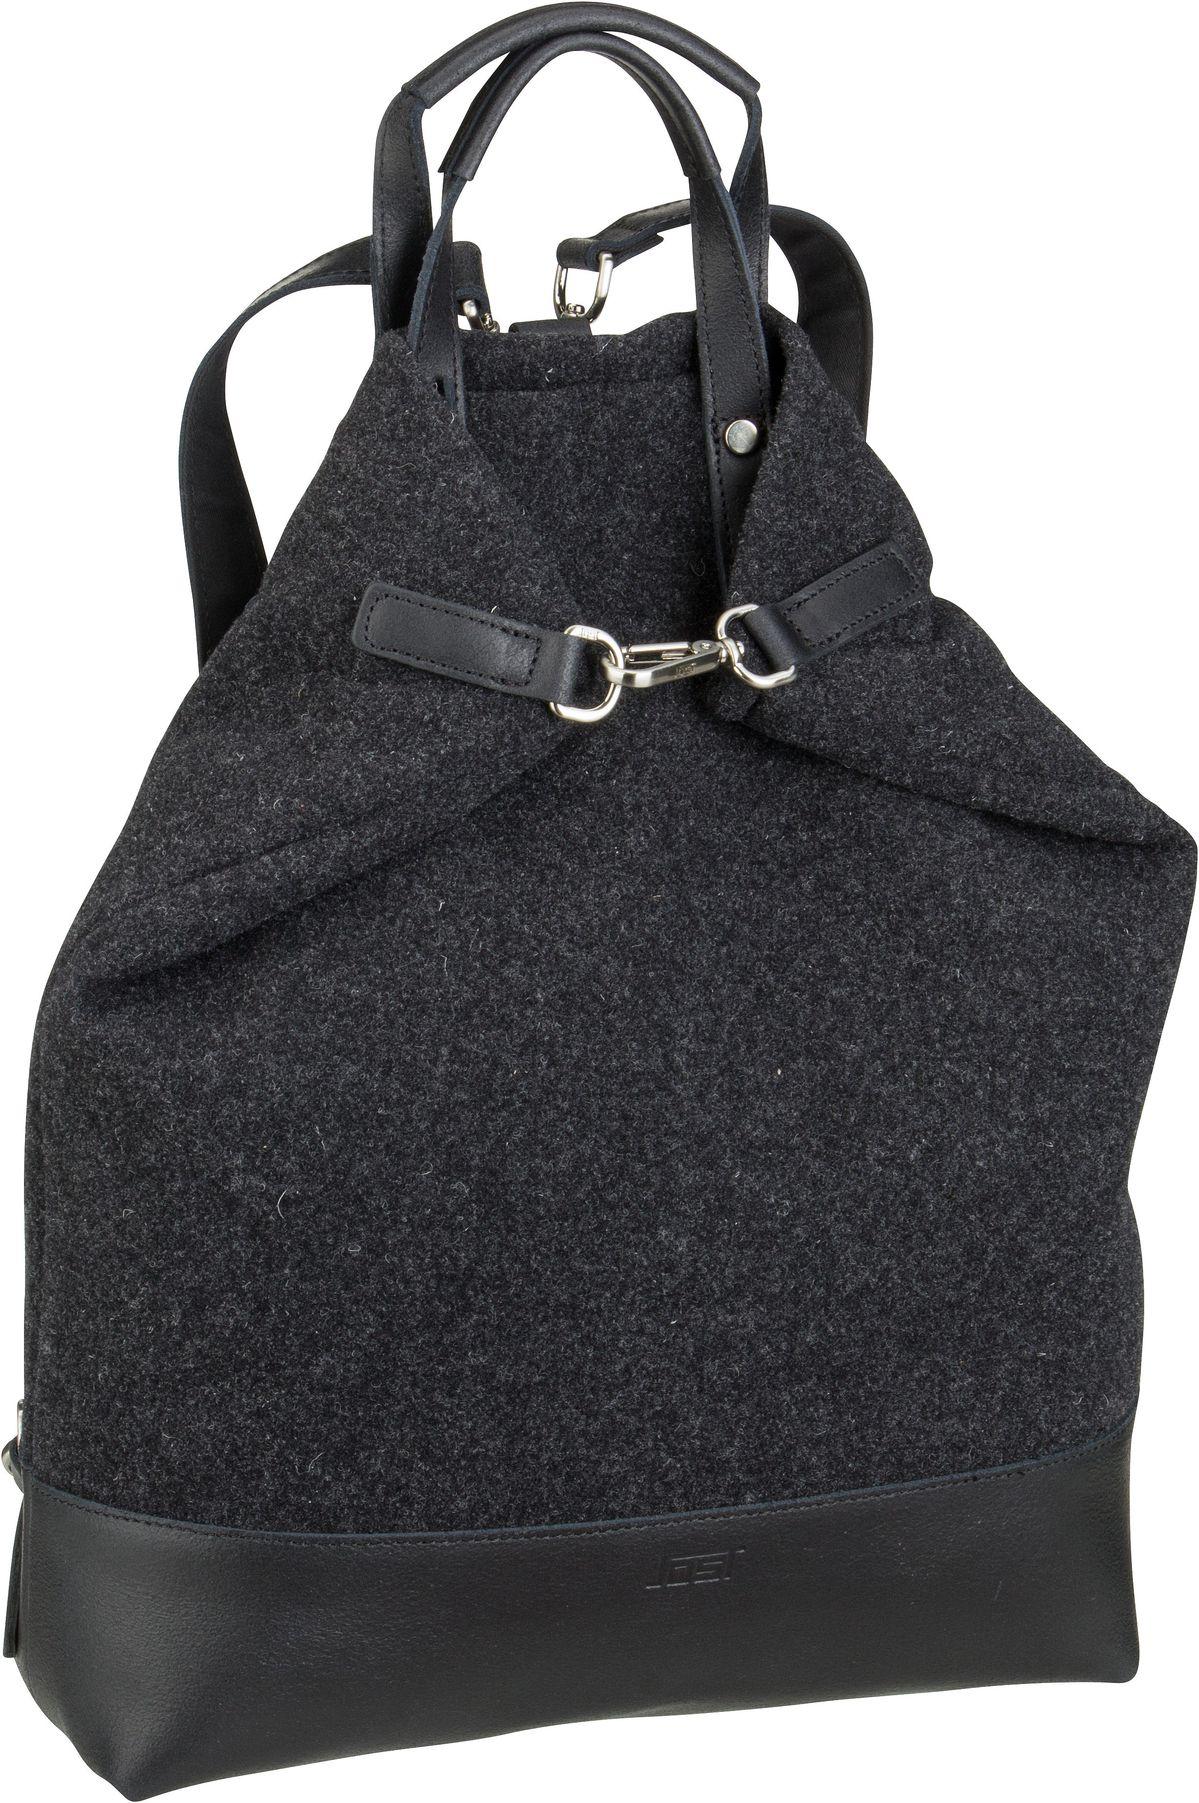 Rucksack / Daypack Farum 3033 X-Change 3in1 Bag M Black